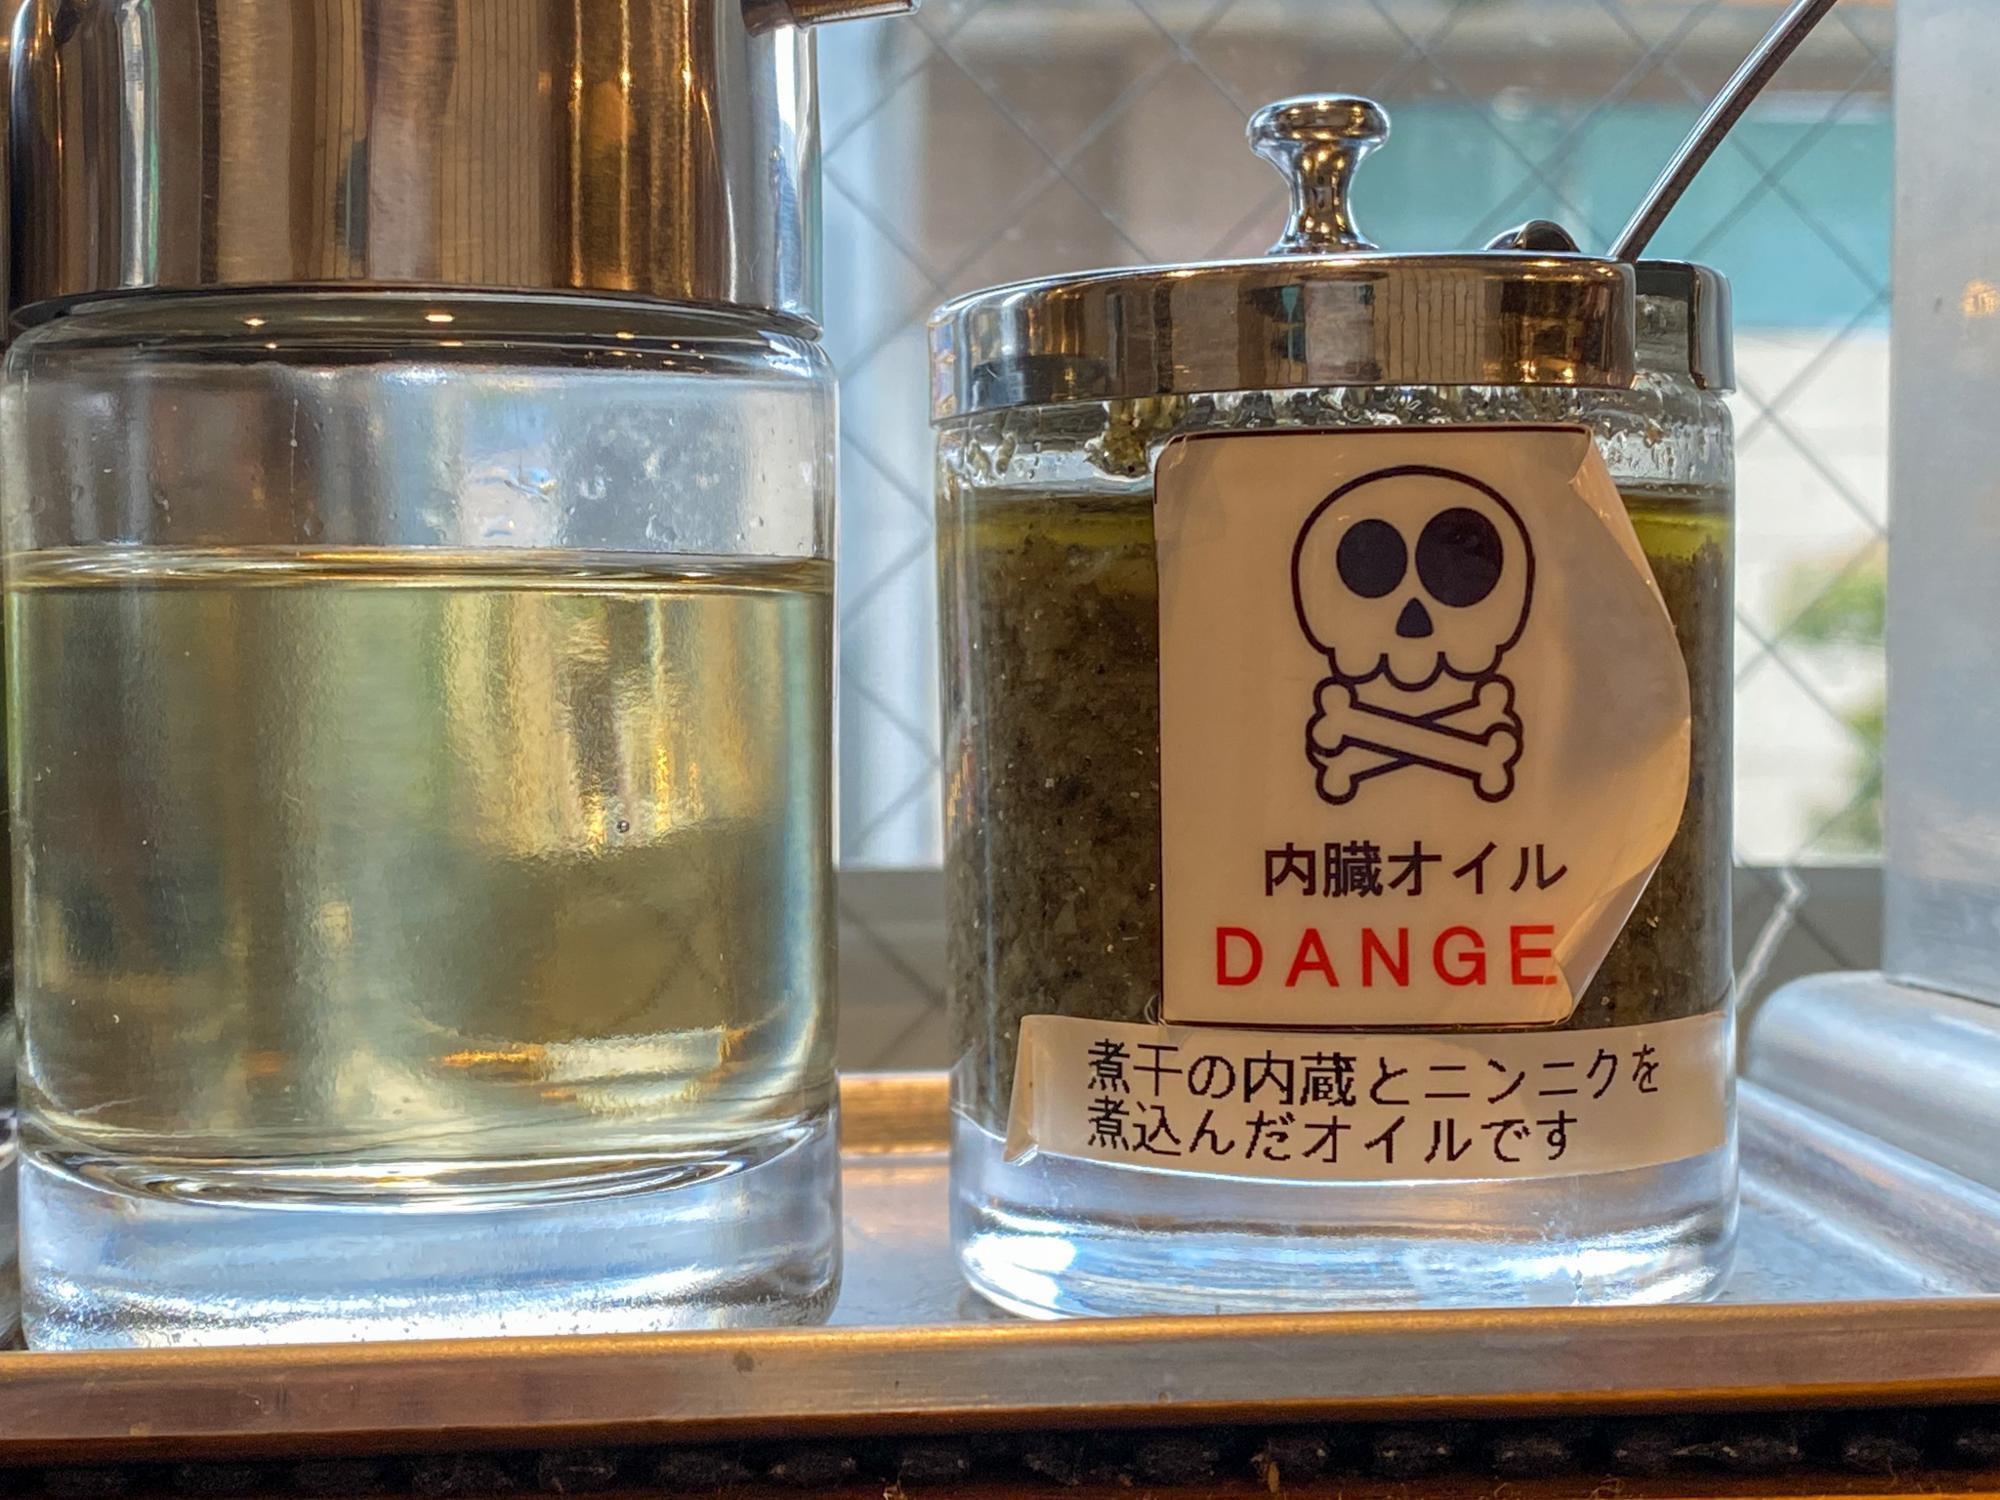 強烈な味わいをする内臓オイル。まずはレンゲにたらしての味見をおすすめします。